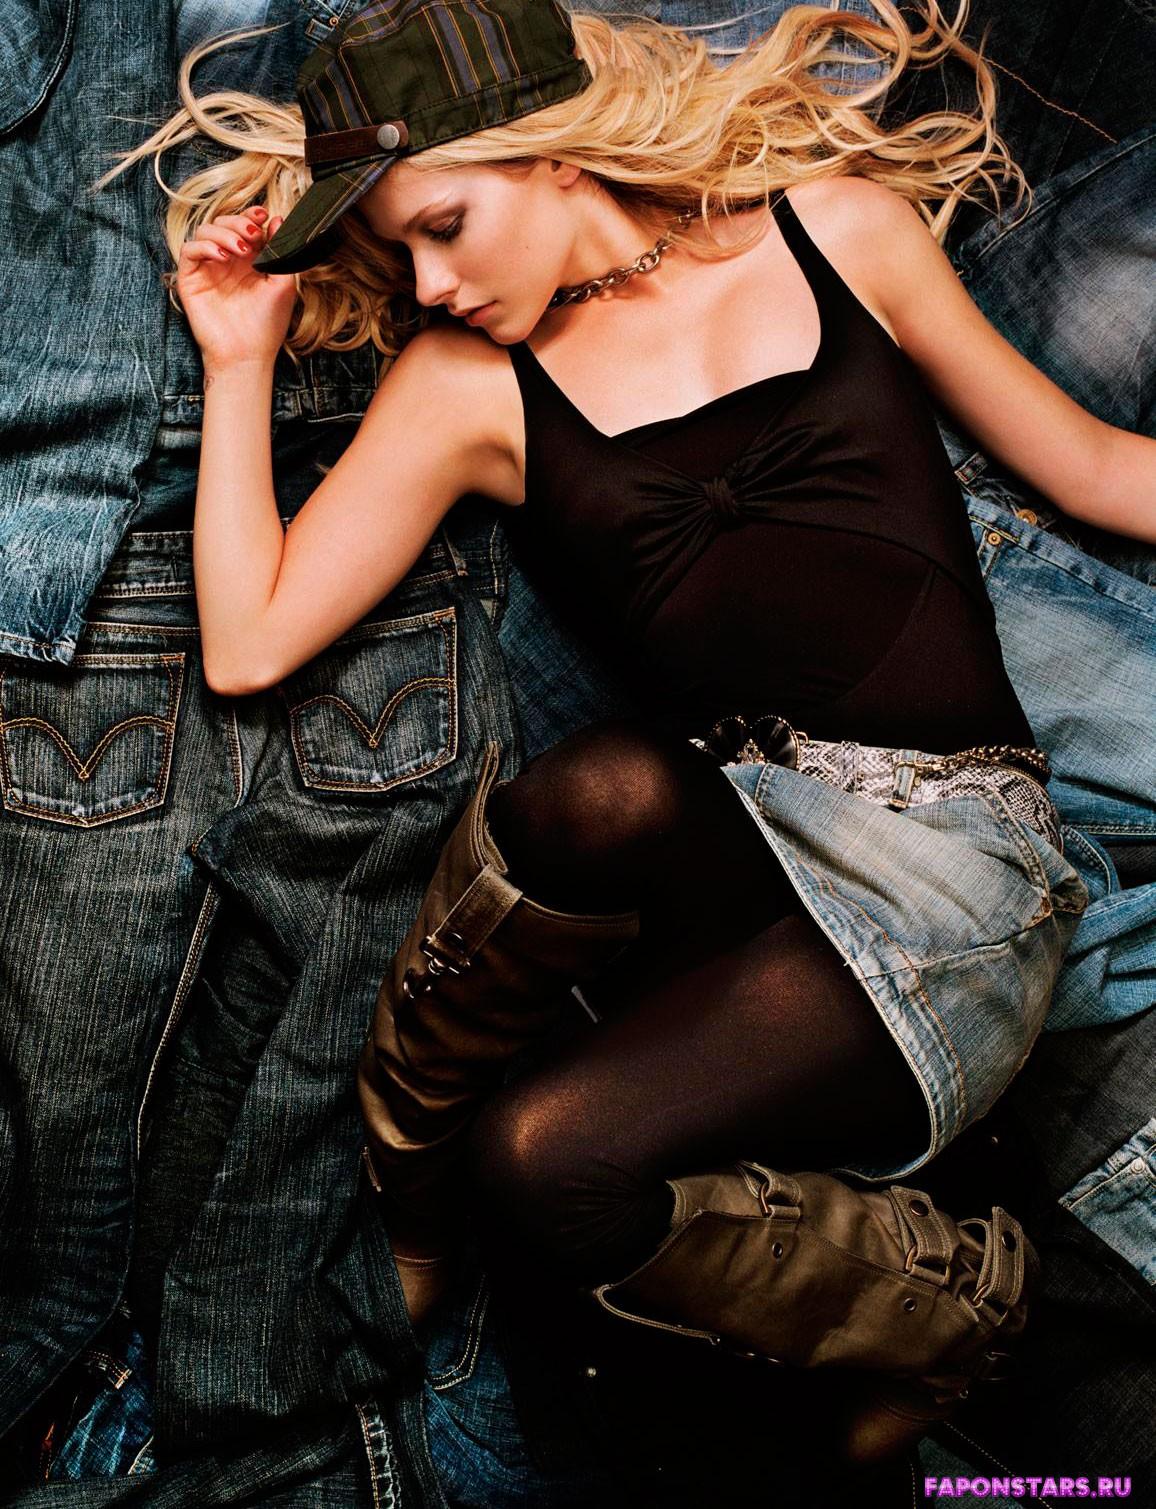 Avril Lavigne / Аврил Лавин в откровенном наряде